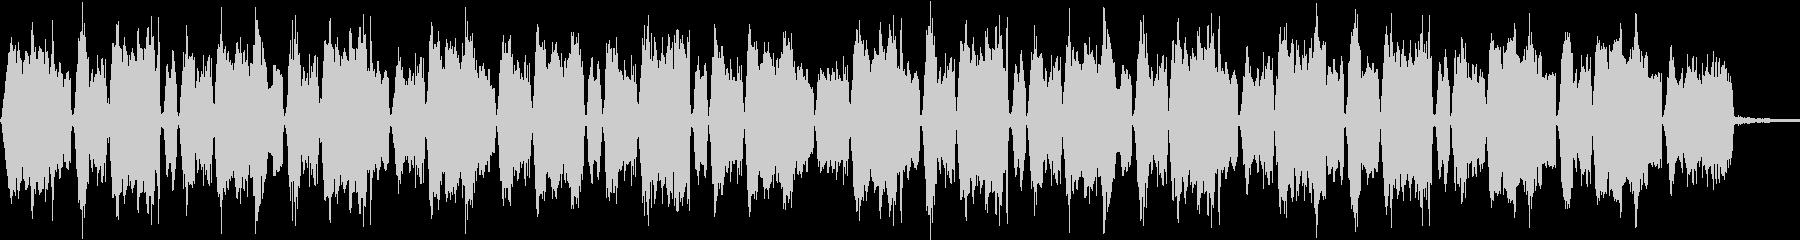 陽気なアコーディオンのワルツ,シングルの未再生の波形